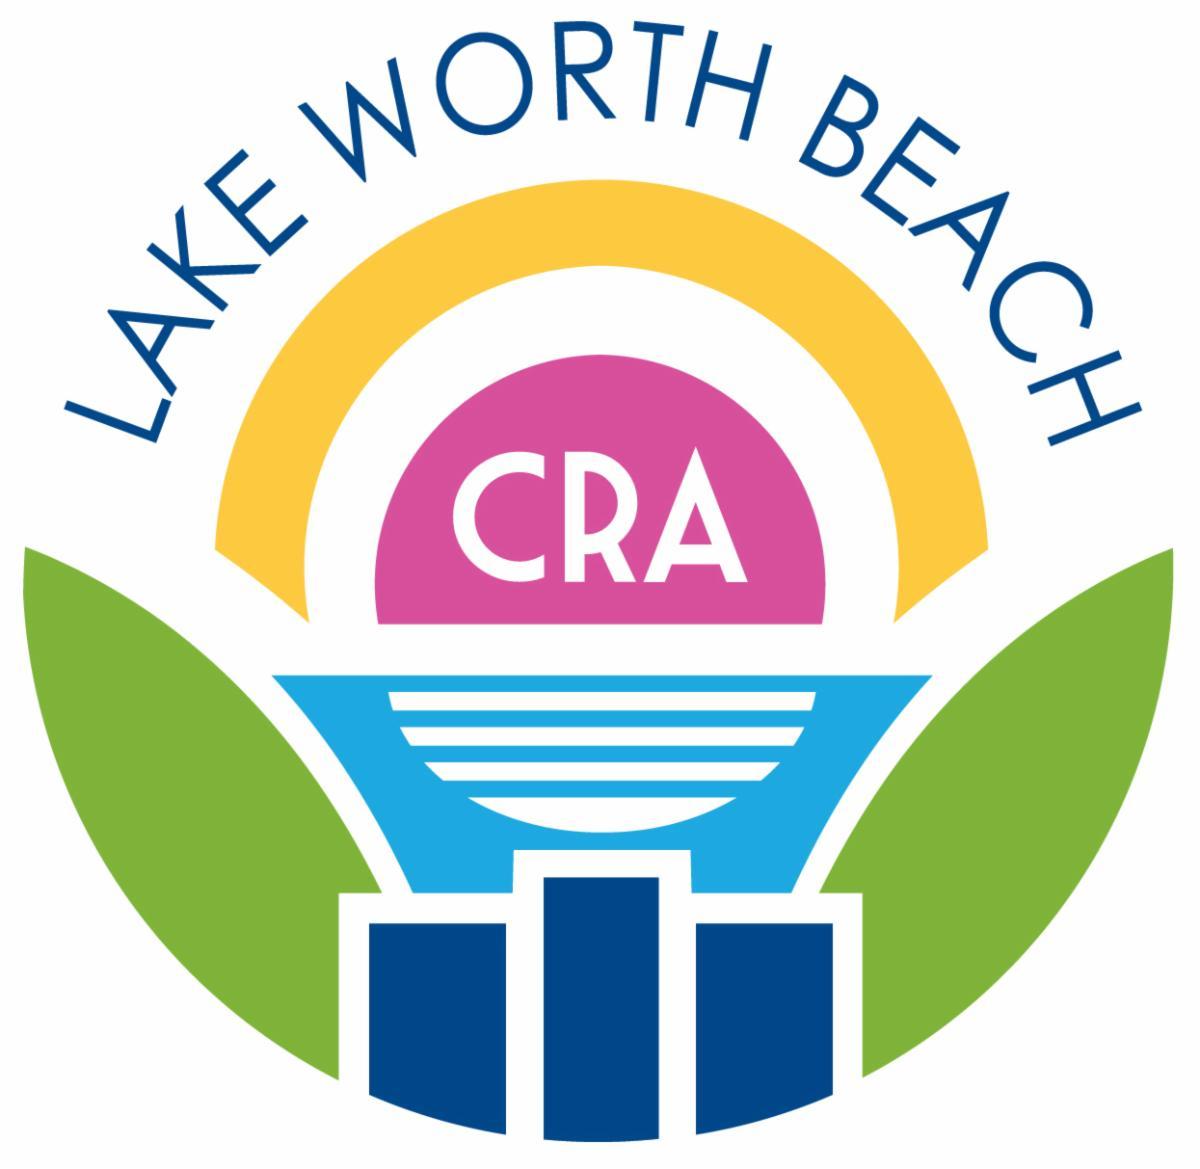 LAKE WORTH BEACH CRA